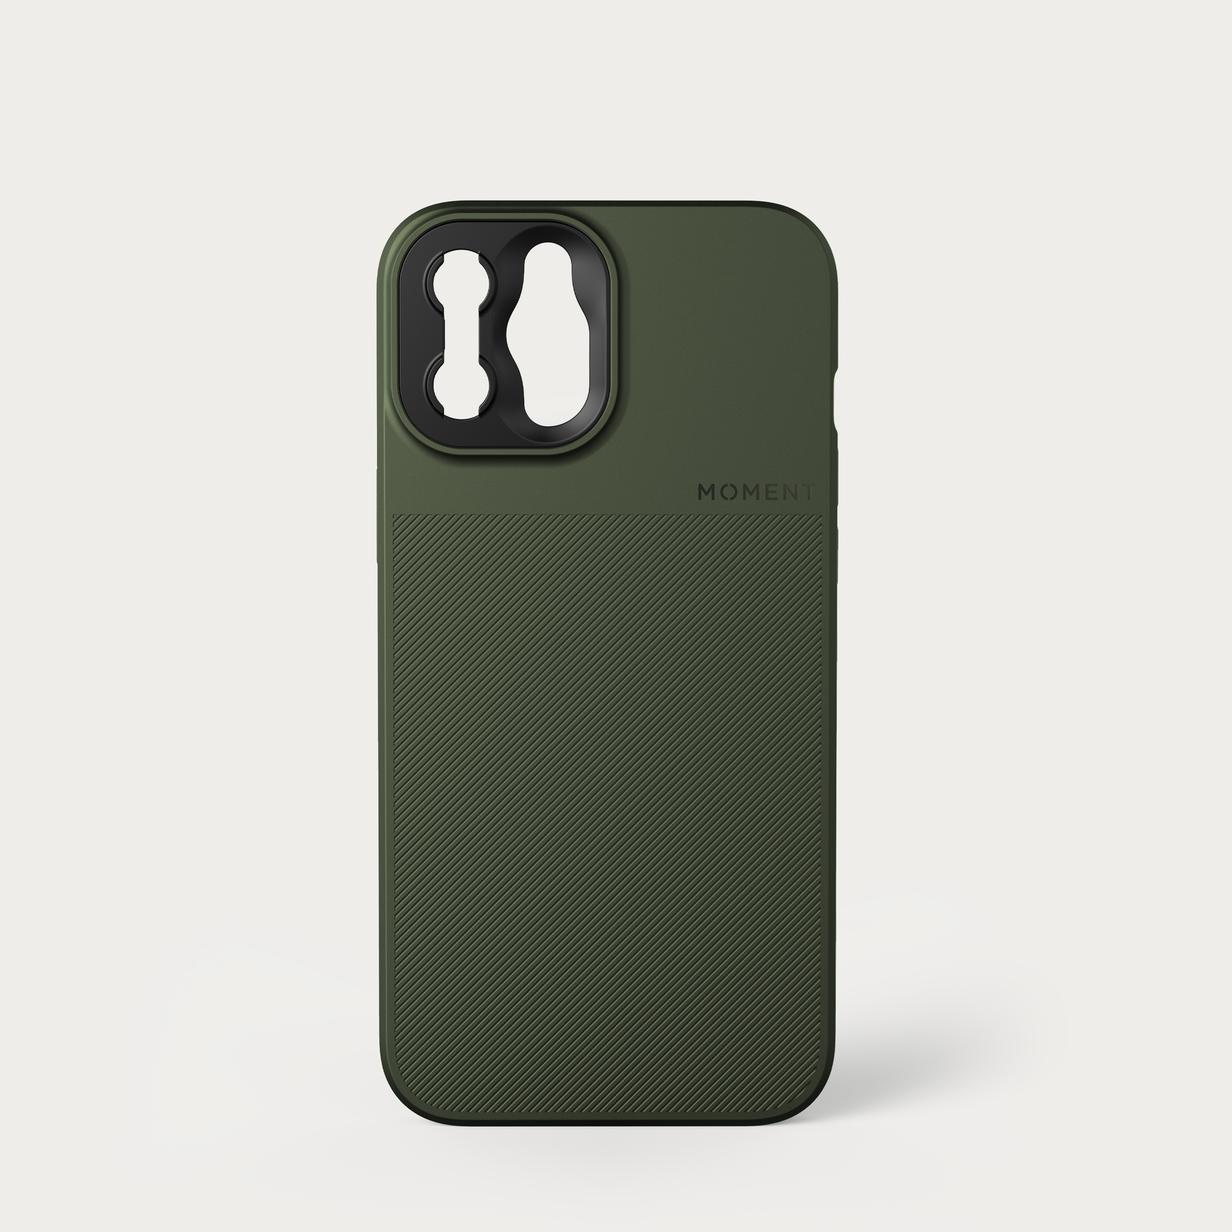 Max pro iphone 12